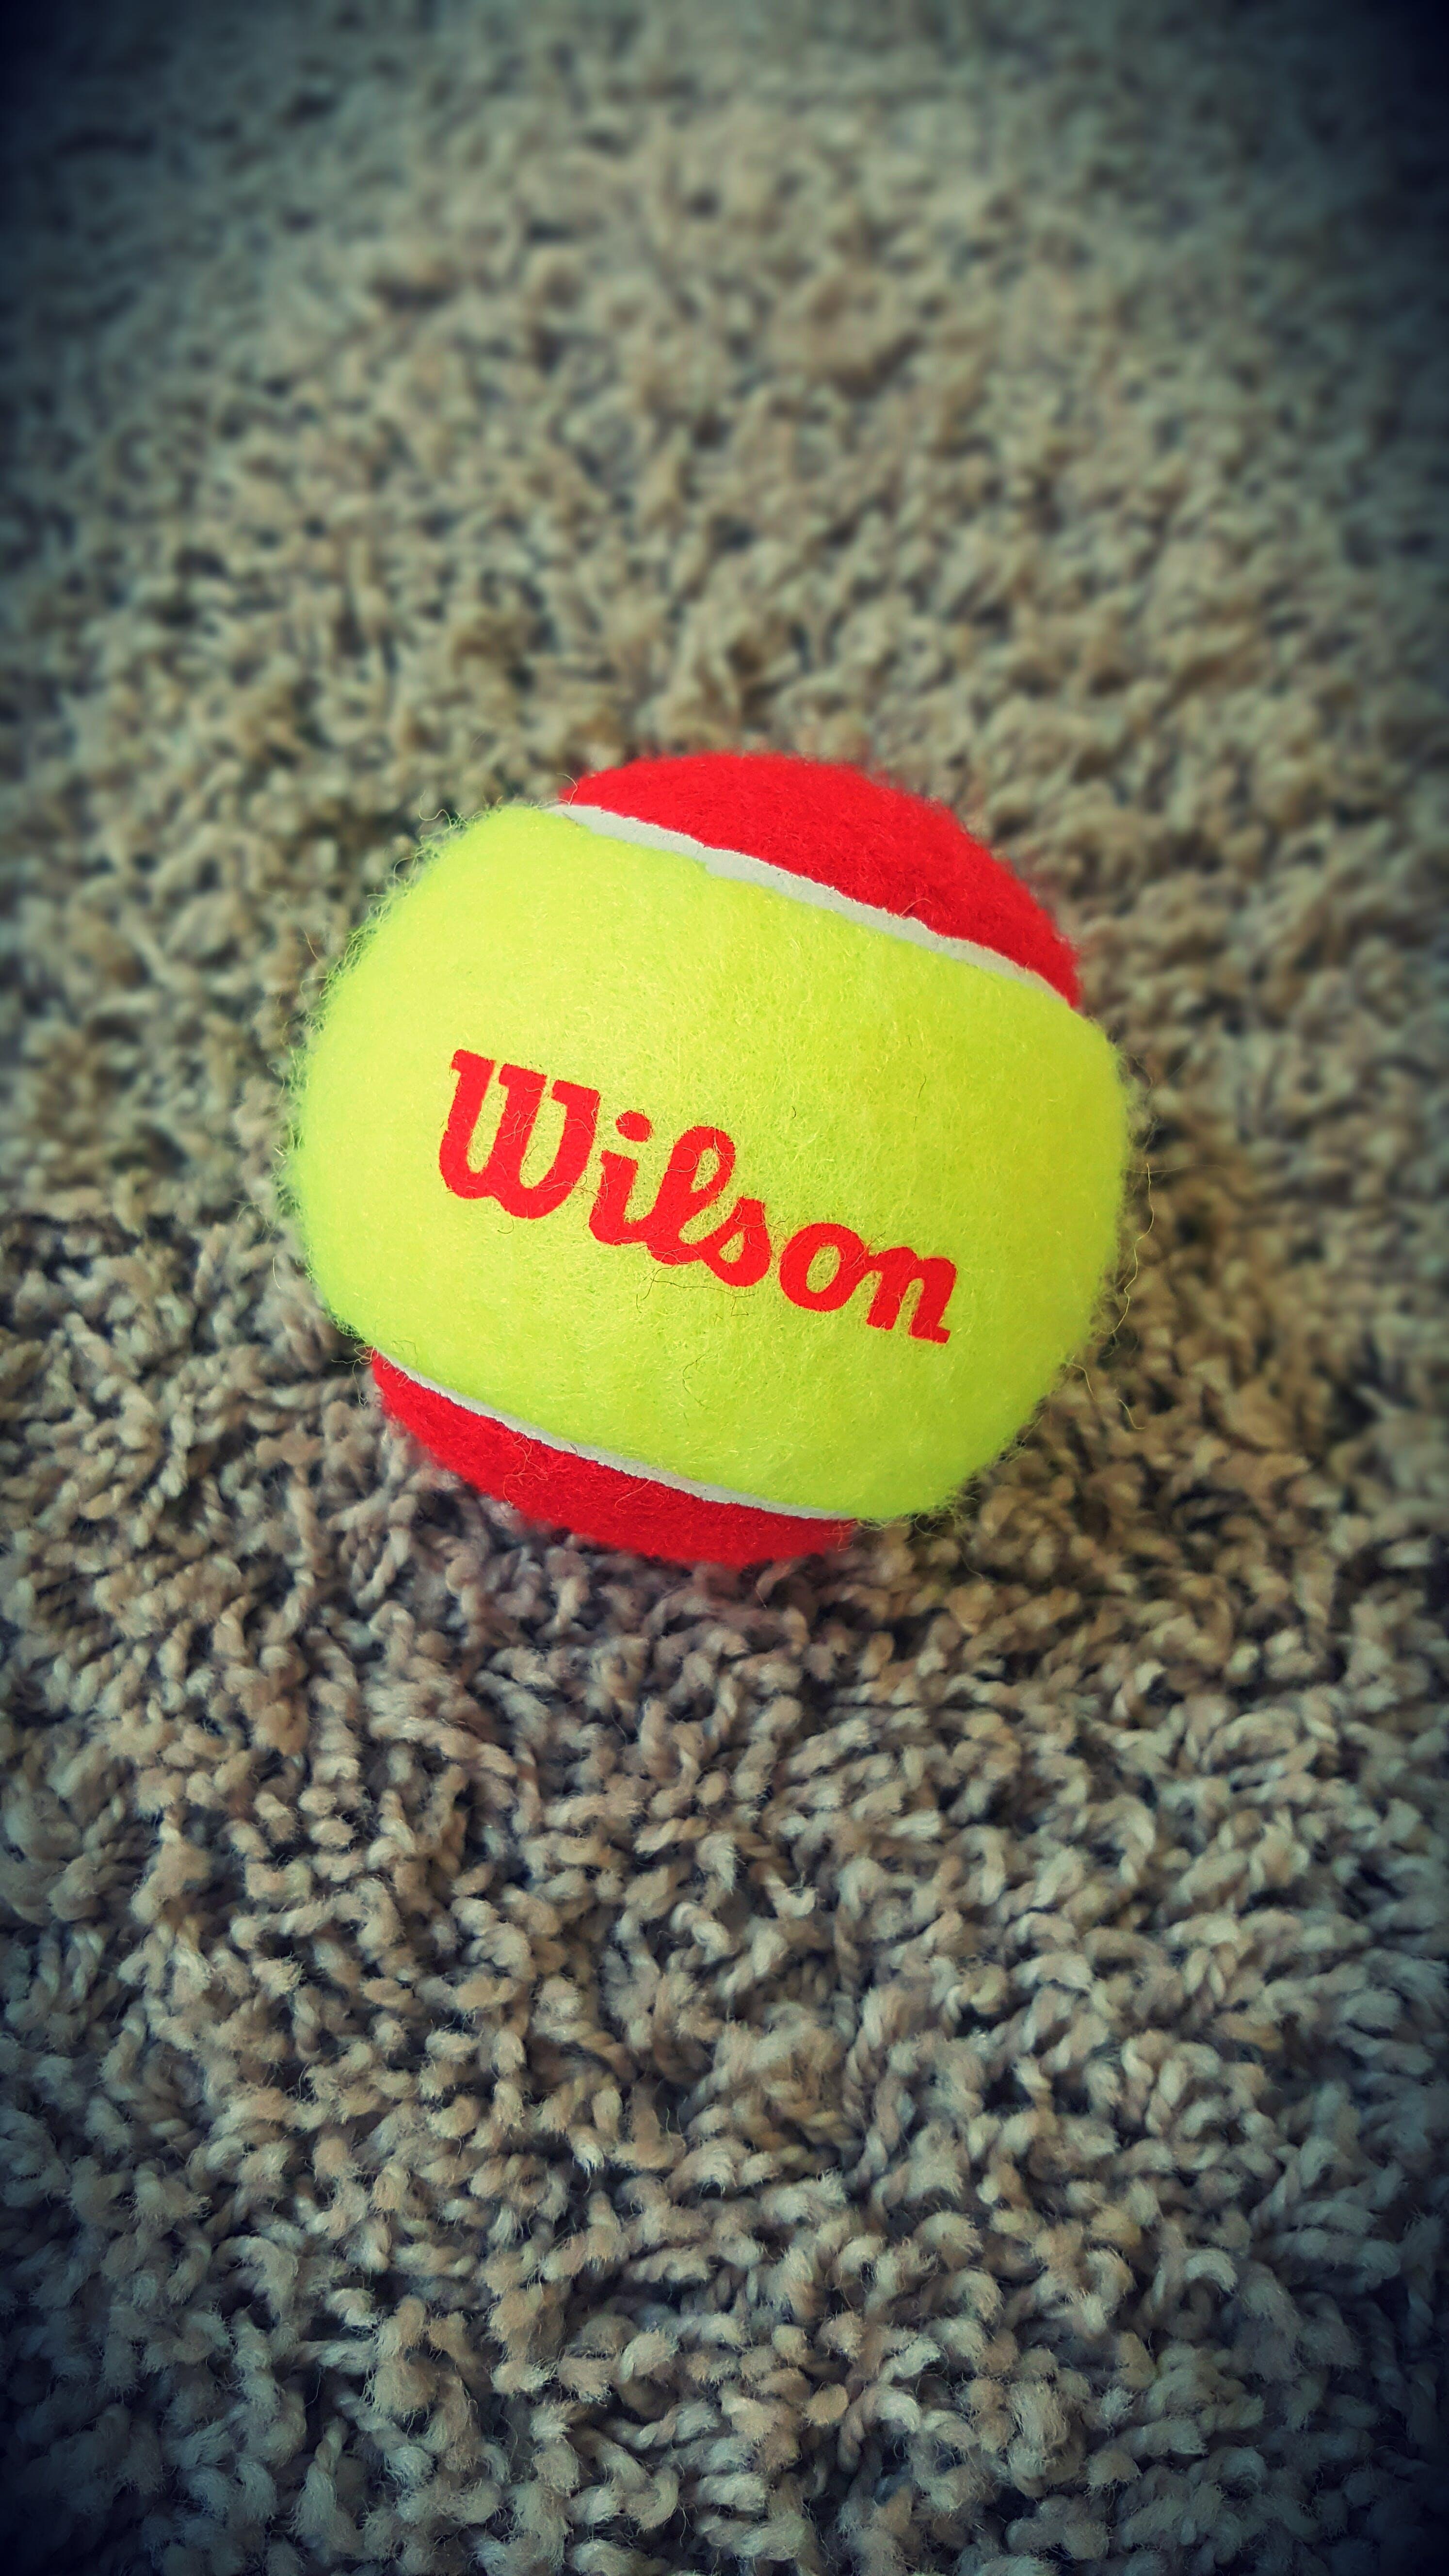 Kostenloses Stock Foto zu tennis, tennis ball, teppich, wilson